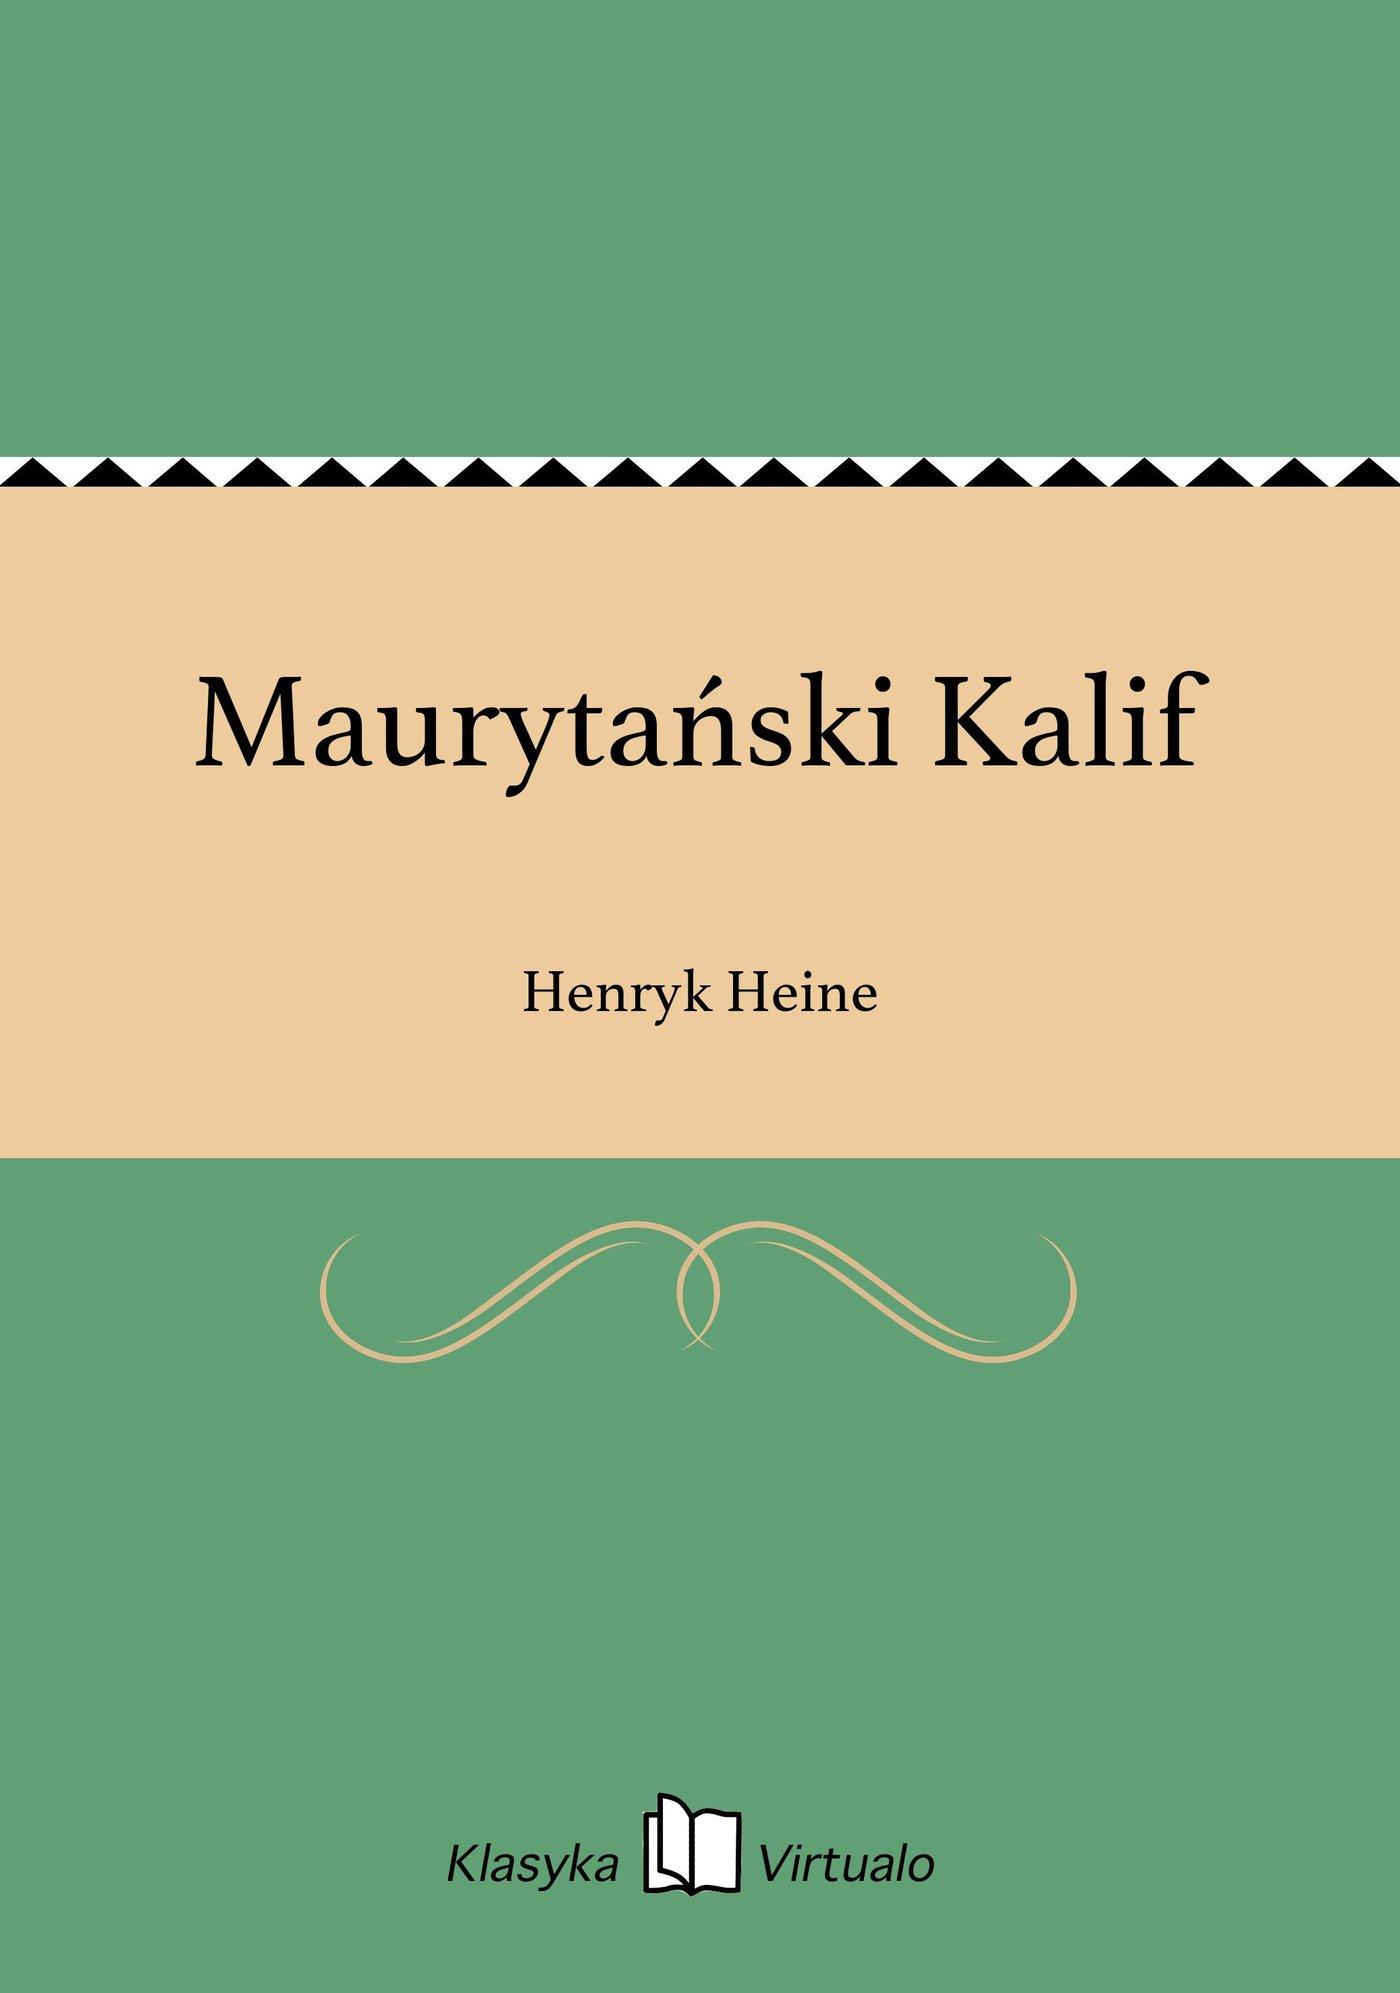 Maurytański Kalif - Ebook (Książka EPUB) do pobrania w formacie EPUB